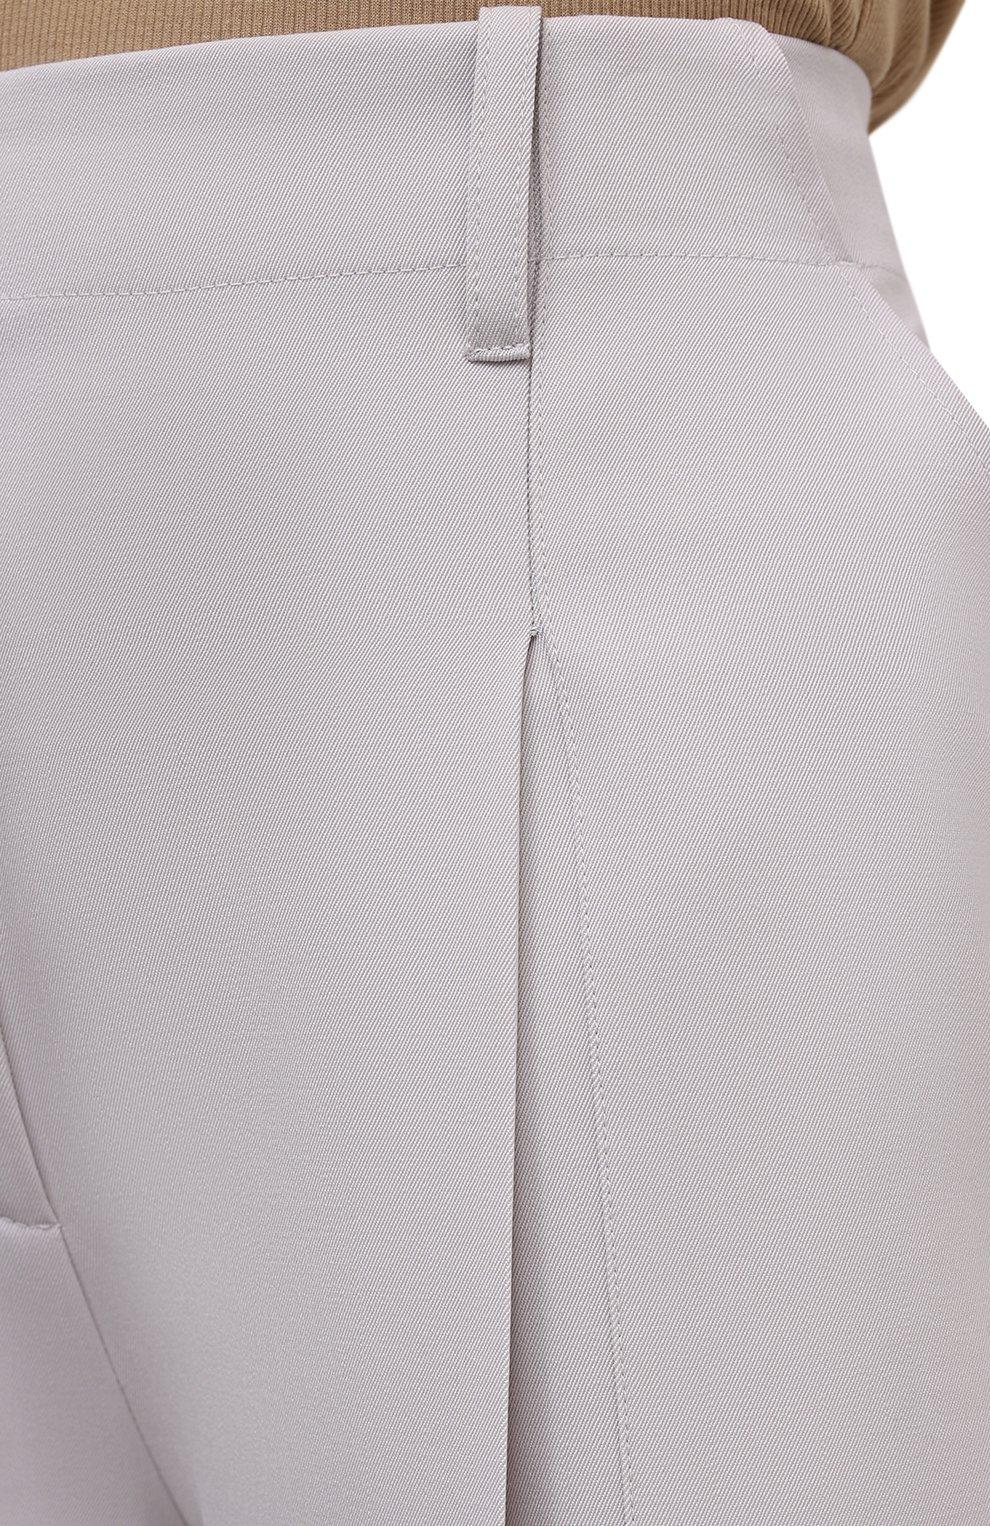 Женские шерстяные брюки STELLA MCCARTNEY светло-серого цвета, арт. 602439/SPA28 | Фото 5 (Длина (брюки, джинсы): Удлиненные; Материал внешний: Шерсть; Женское Кросс-КТ: Брюки-одежда; Силуэт Ж (брюки и джинсы): Прямые; Стили: Кэжуэл)